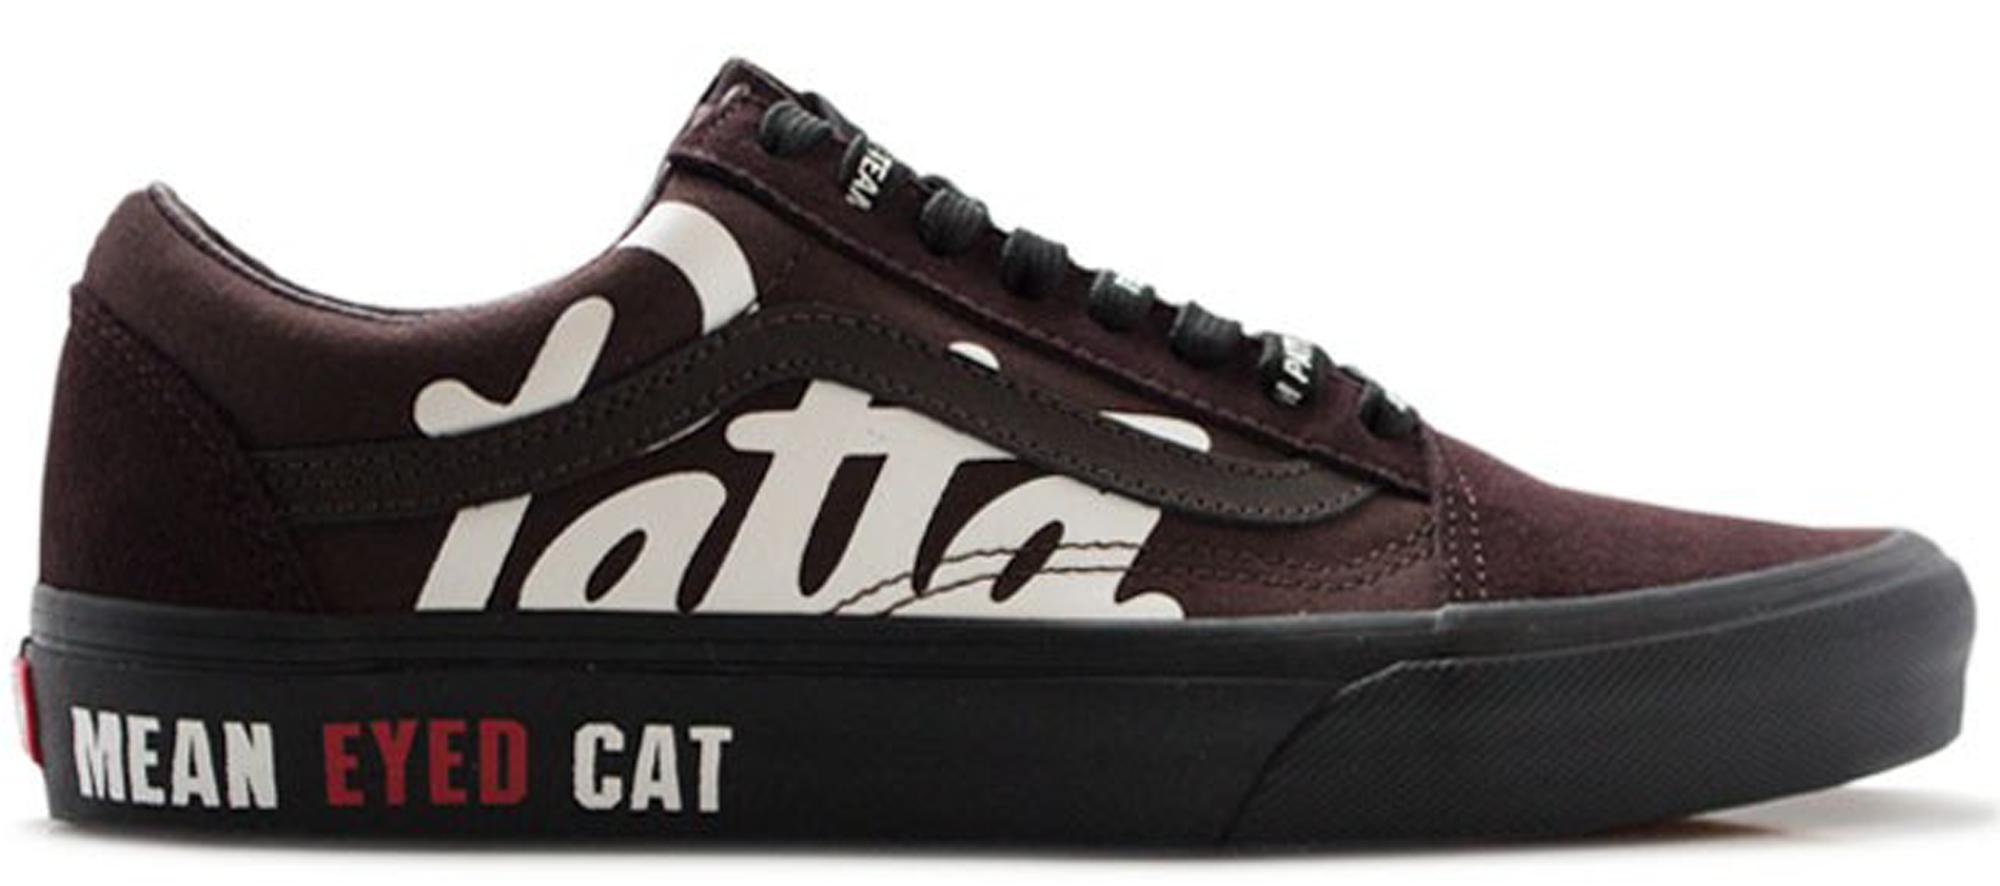 Vans Old Skool Patta Mean Eyed Cat